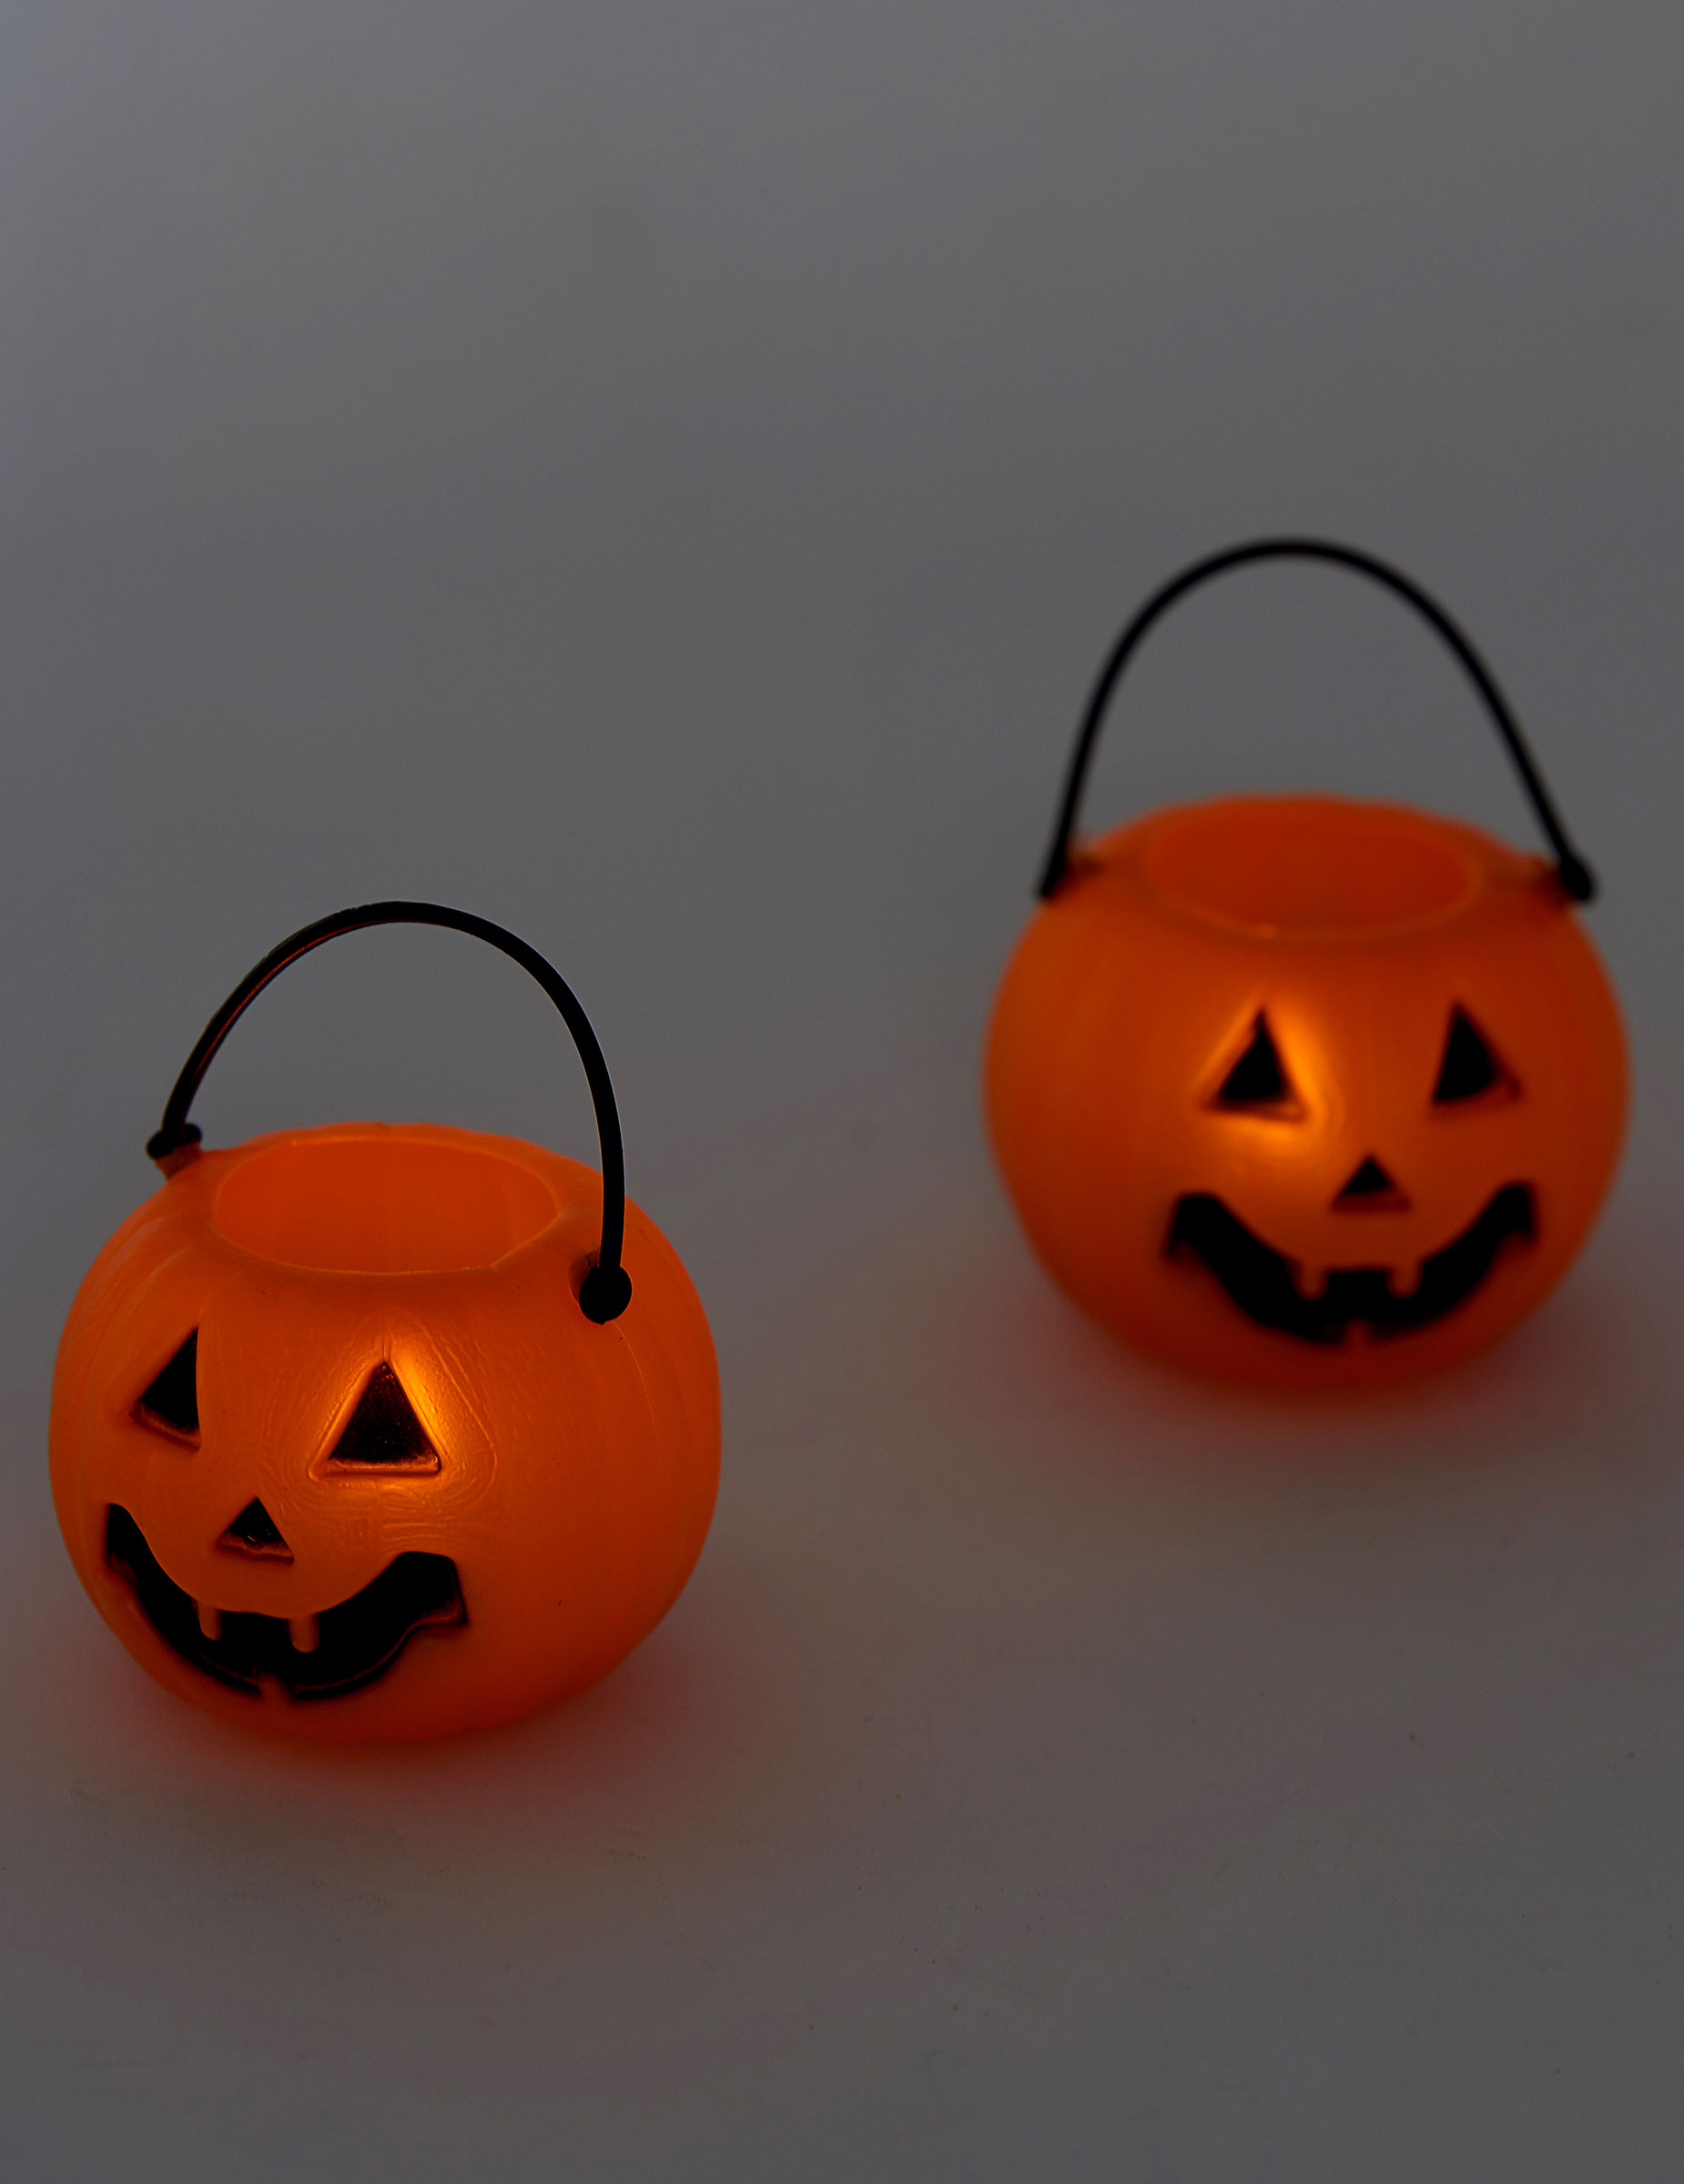 leuchten halloween deko 2 st ck orange schwarz 2x3 5cm. Black Bedroom Furniture Sets. Home Design Ideas